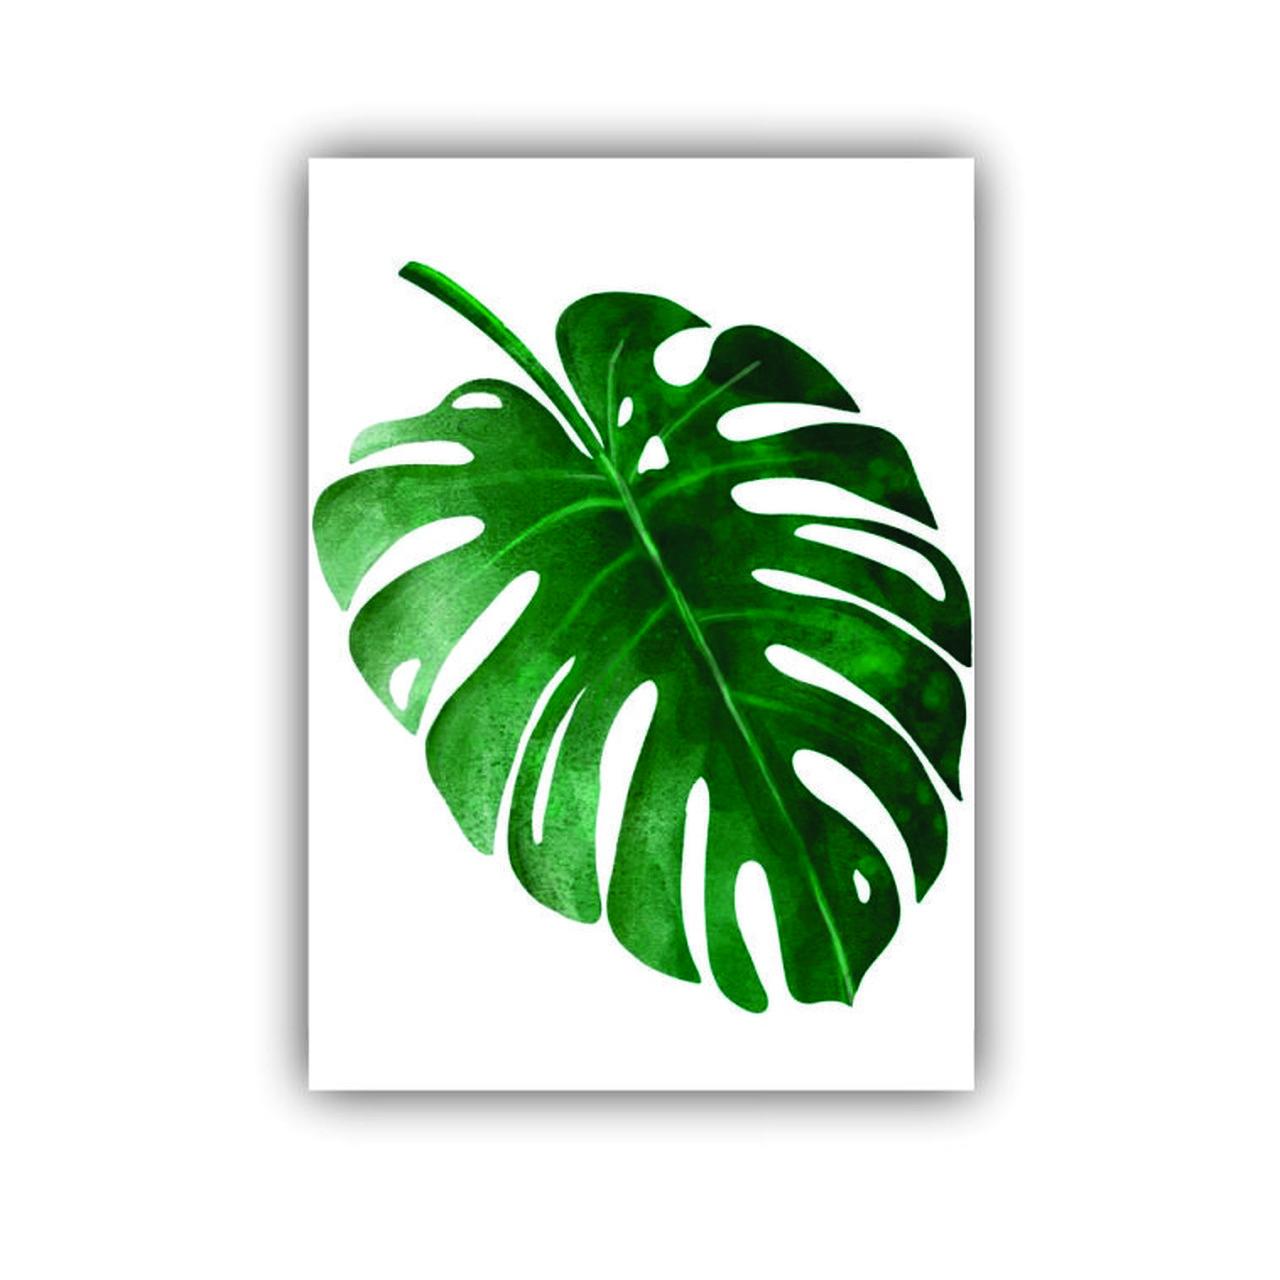 Quadro Costela de Adão Folha Natureza Verde - Tela Única